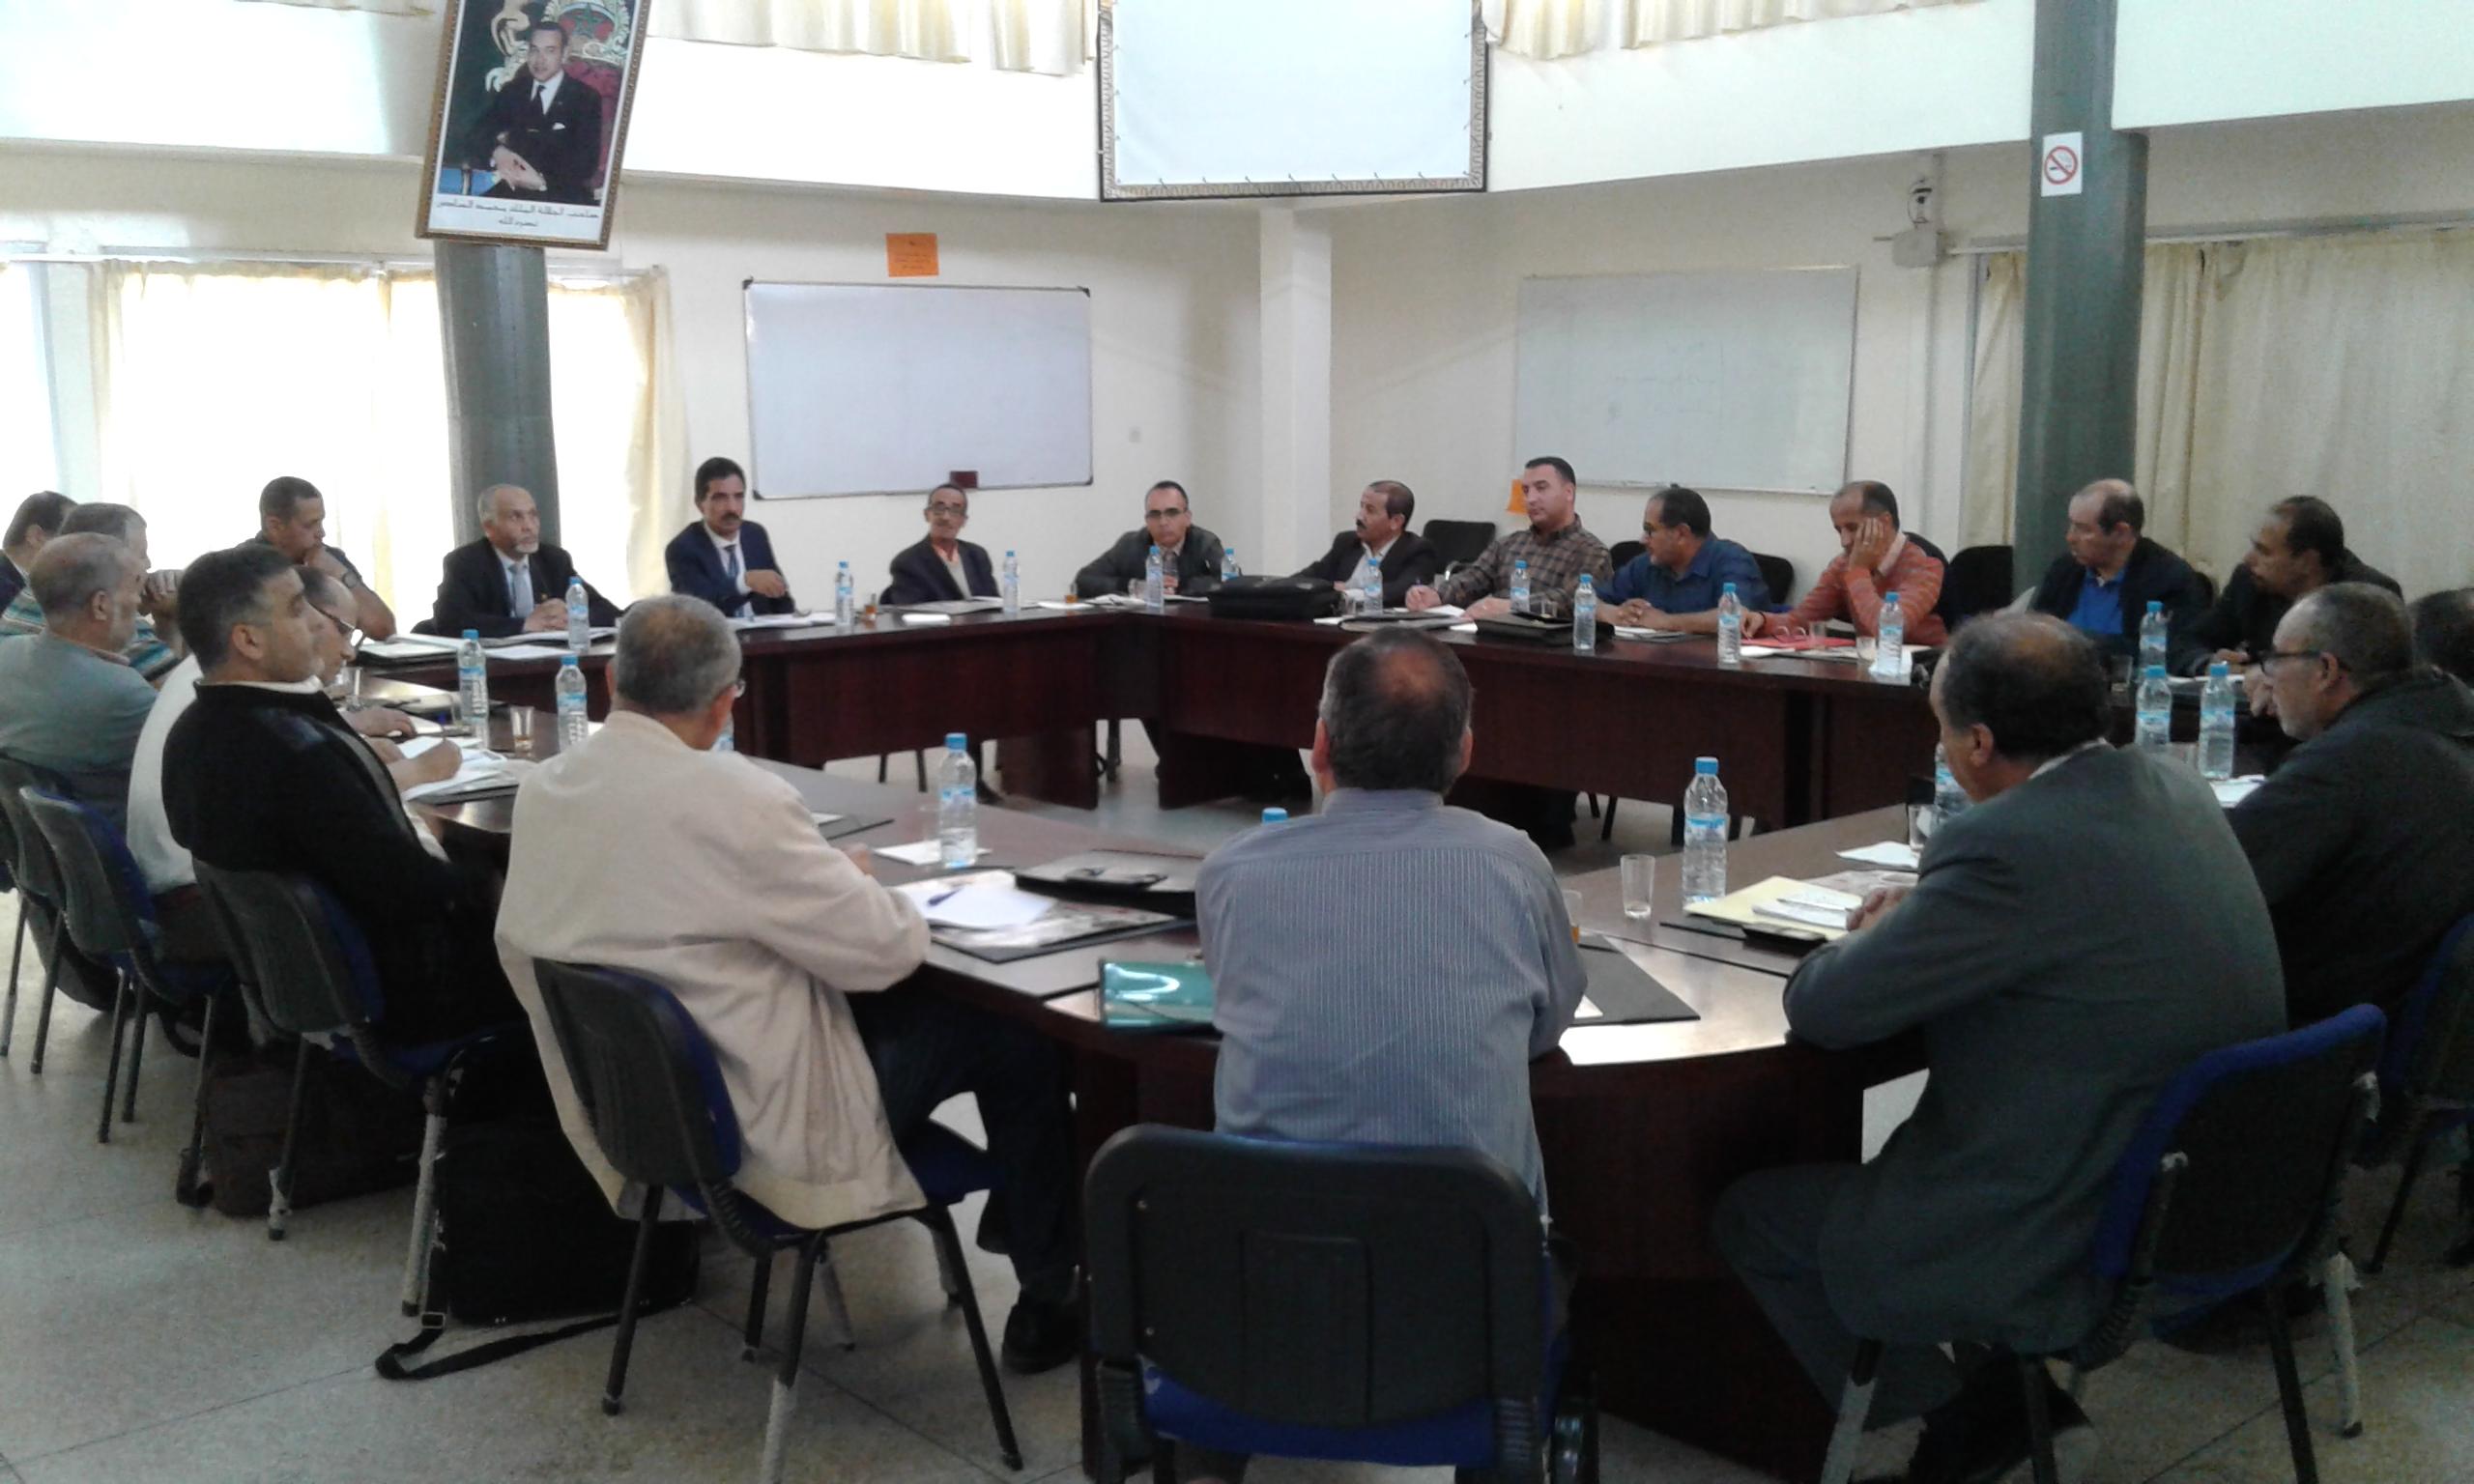 المدير الإقليمي بتيزنيت يعقد لقاء تنسيقيا مع مفتشي المراقبة التربوية  والتوجيه والتخطيط  التربوي والمراقبة المادية والمالية للمؤسسات